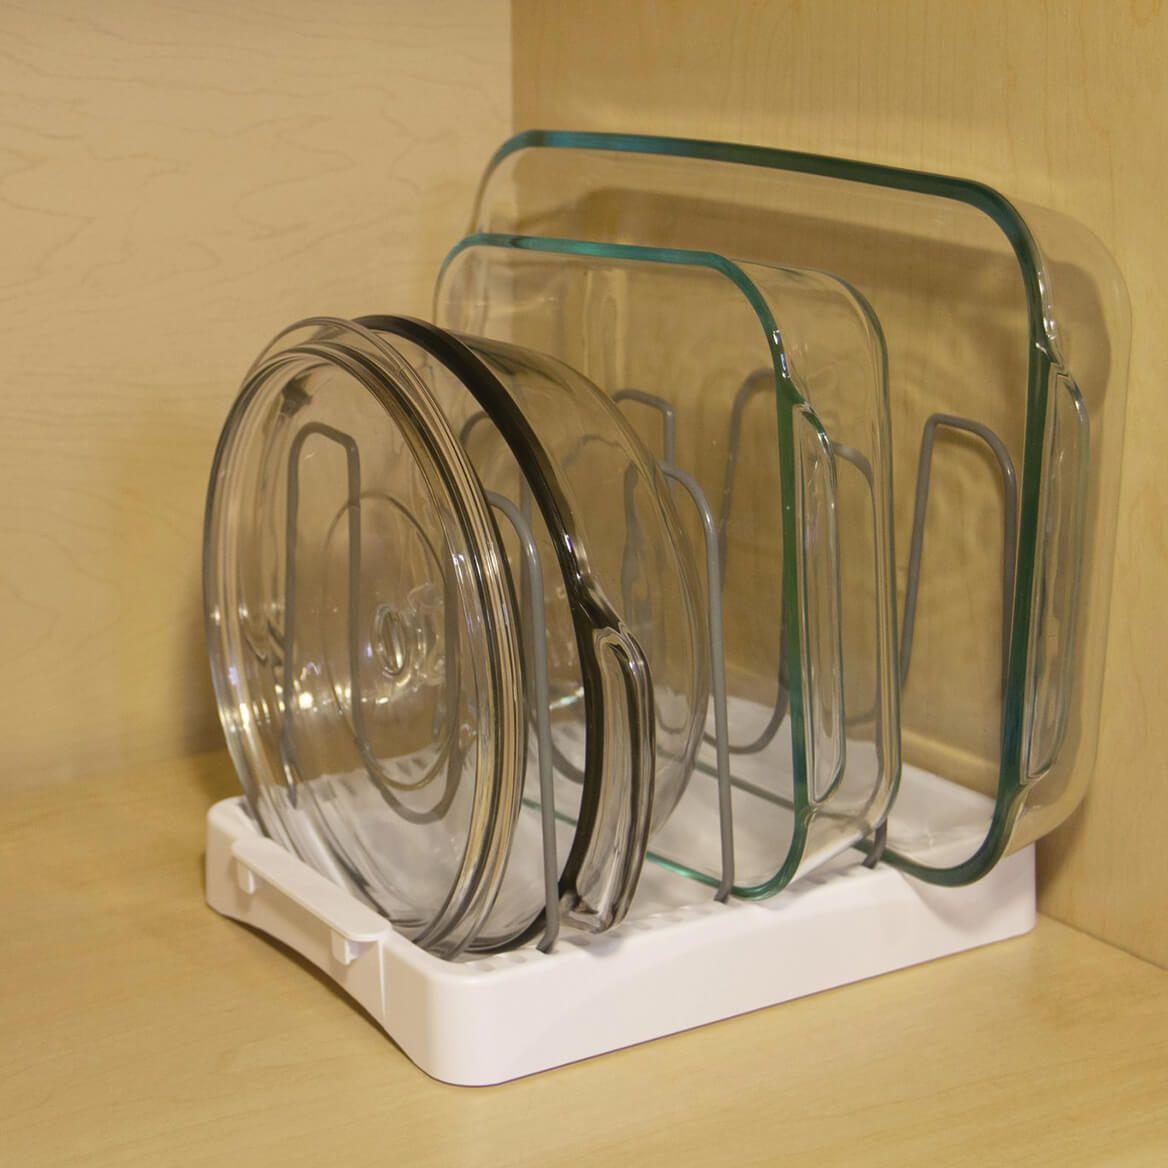 Cookware Organizer-371753